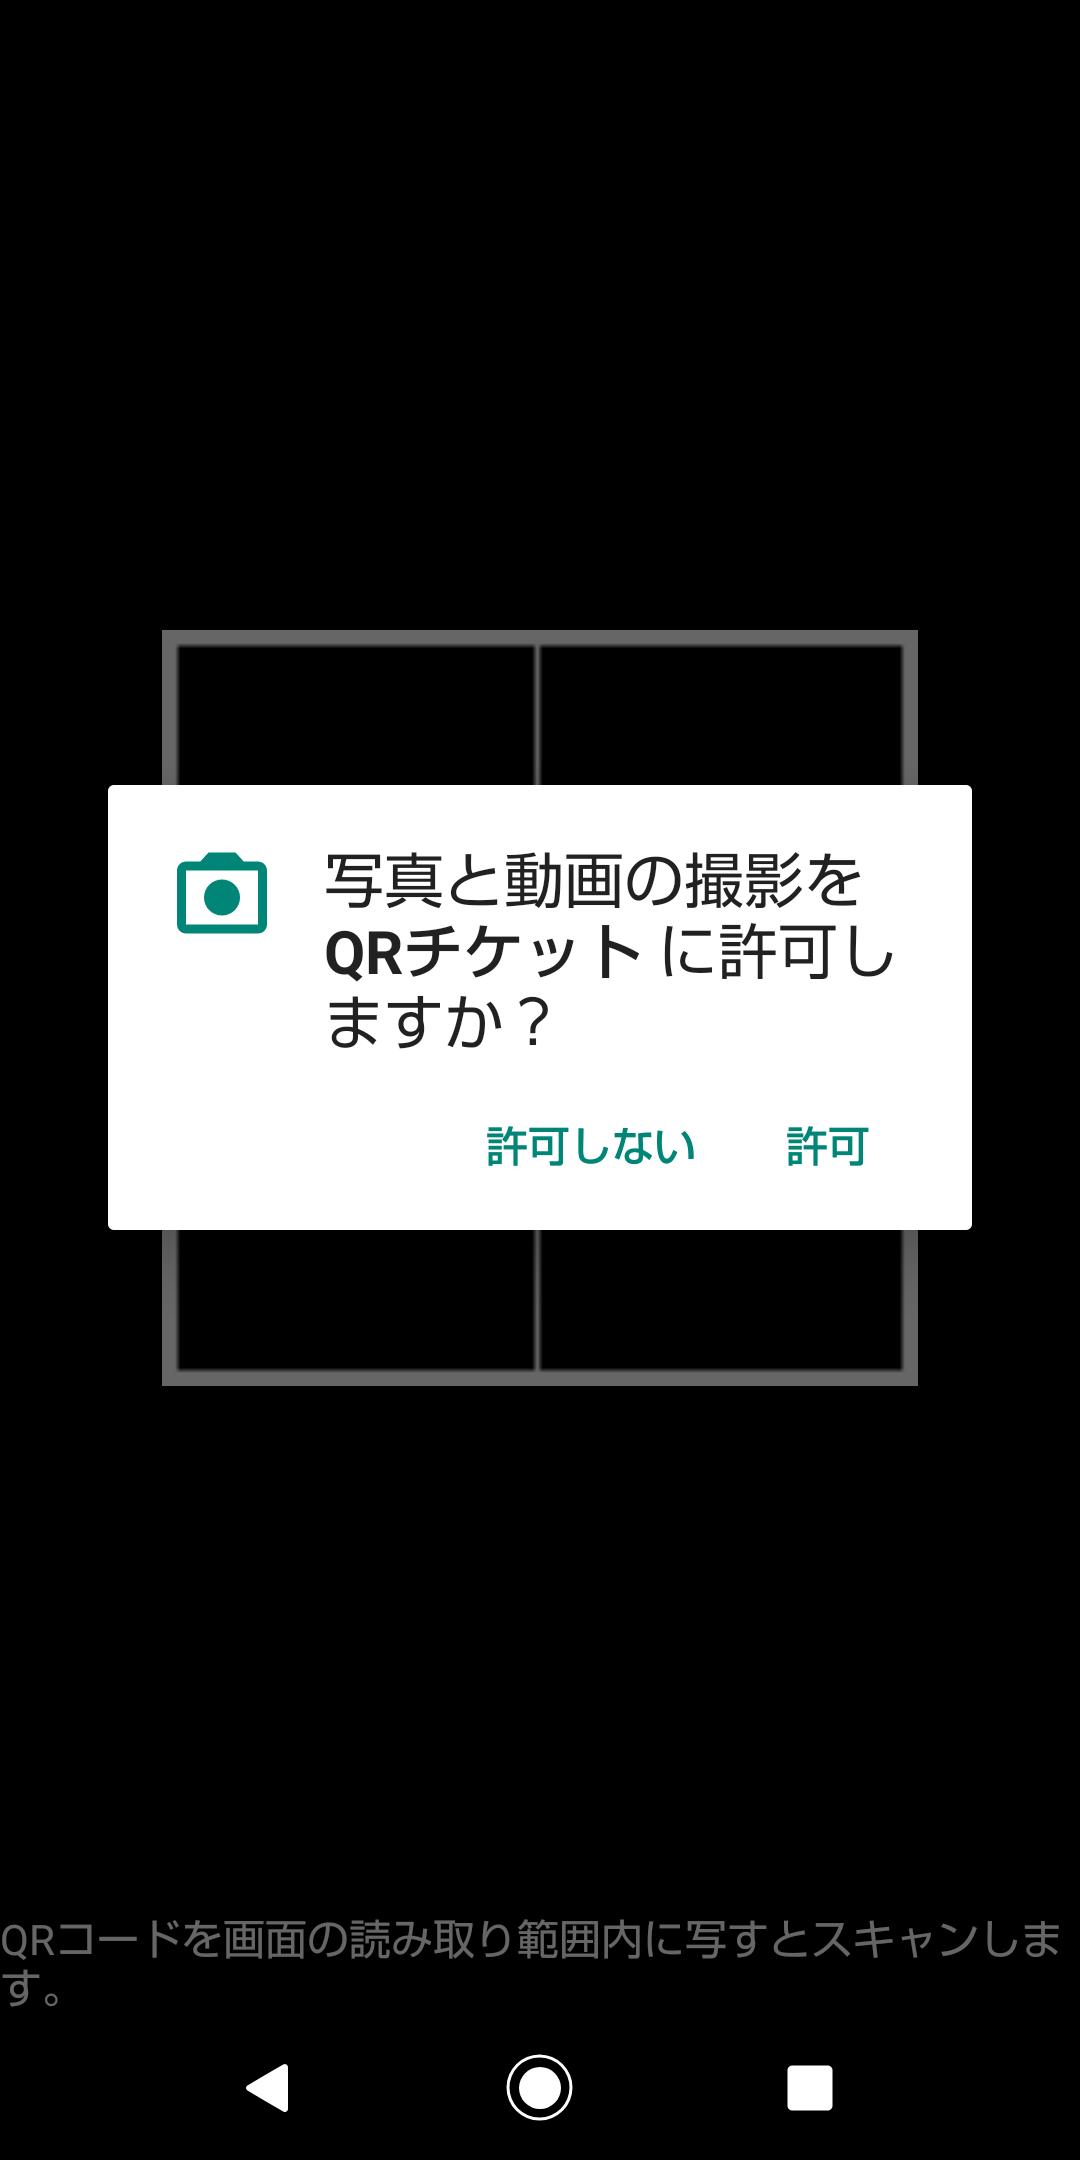 QRチケット デモシステム